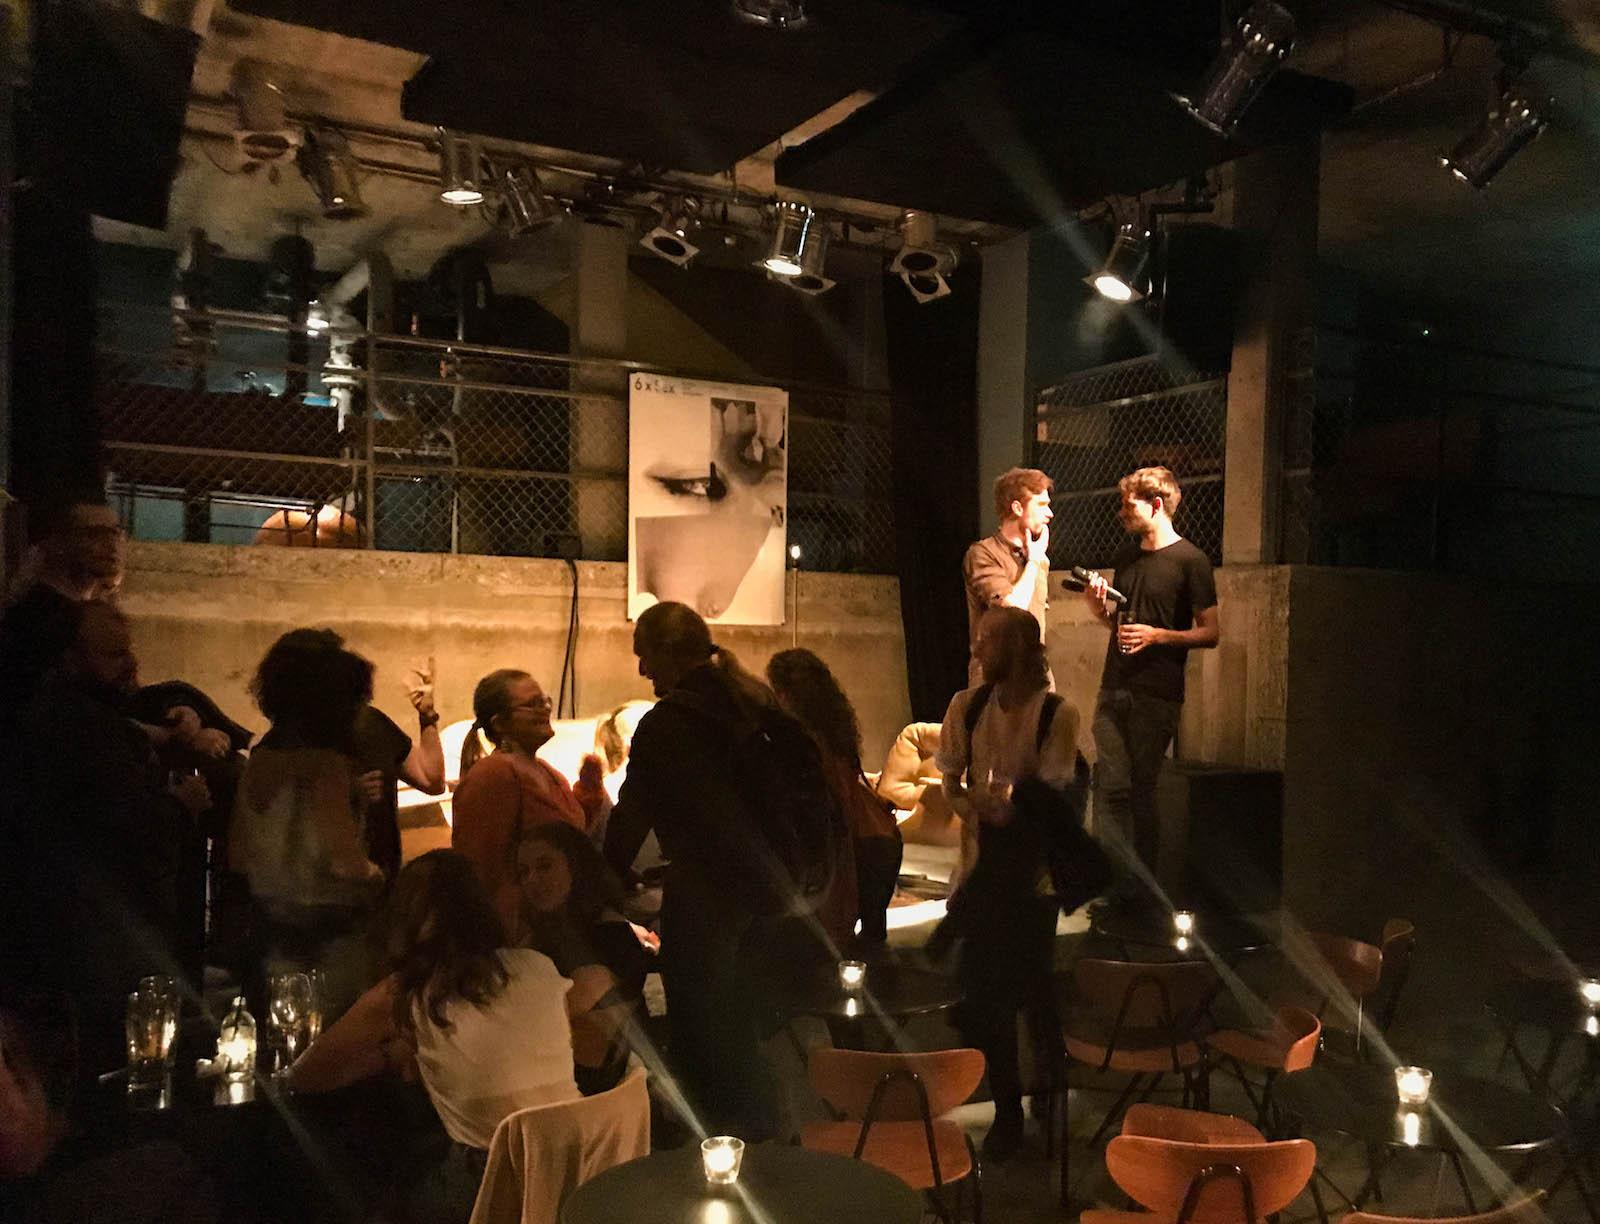 Der Keller des Neubads wurde fit gemacht – für Partys, Lesungen & Co.